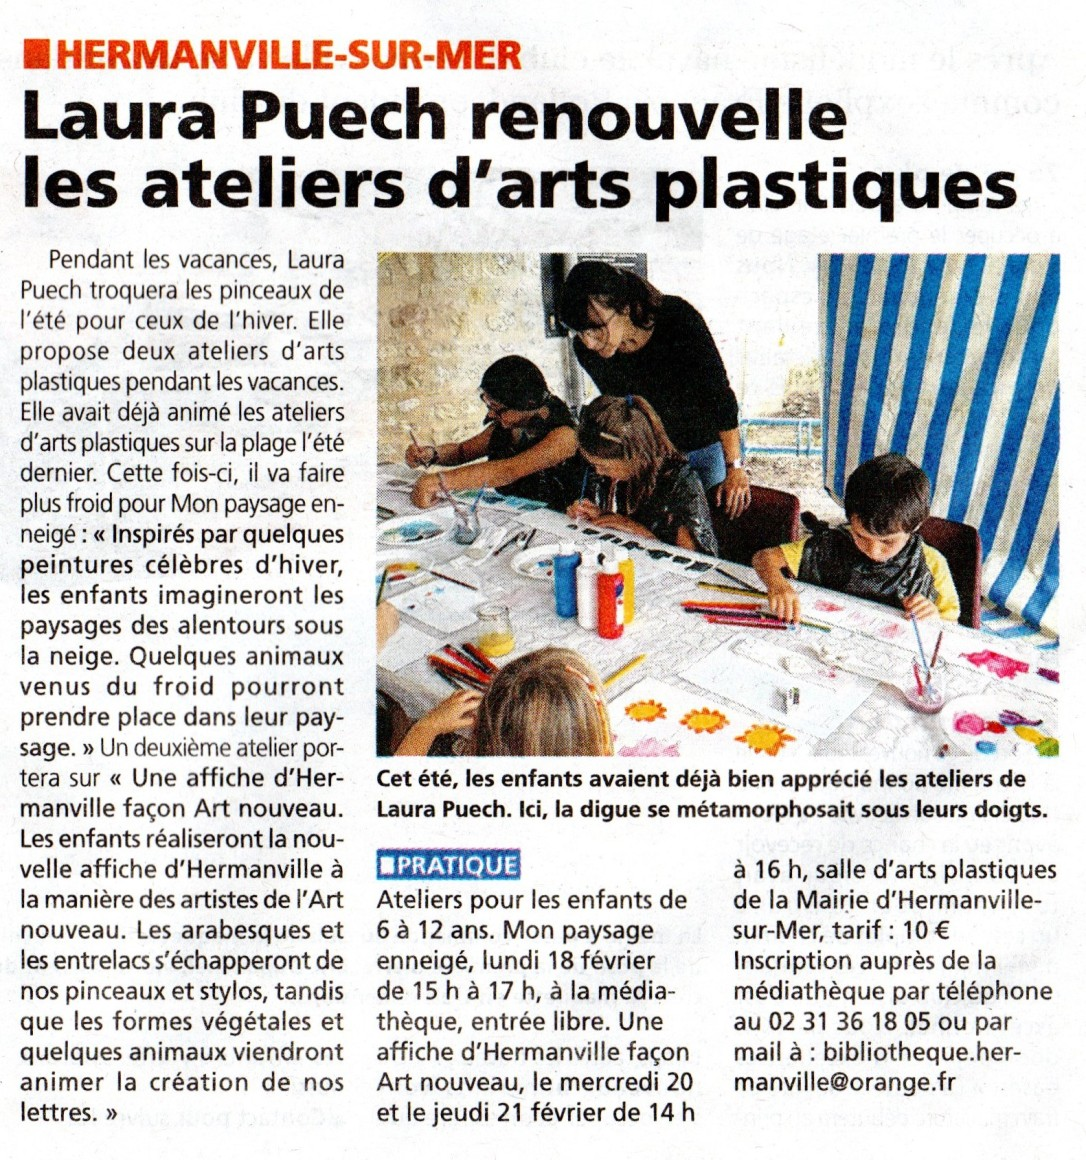 Liberté Le Bonhomme Libre - 14-02-2019 - Musartdit